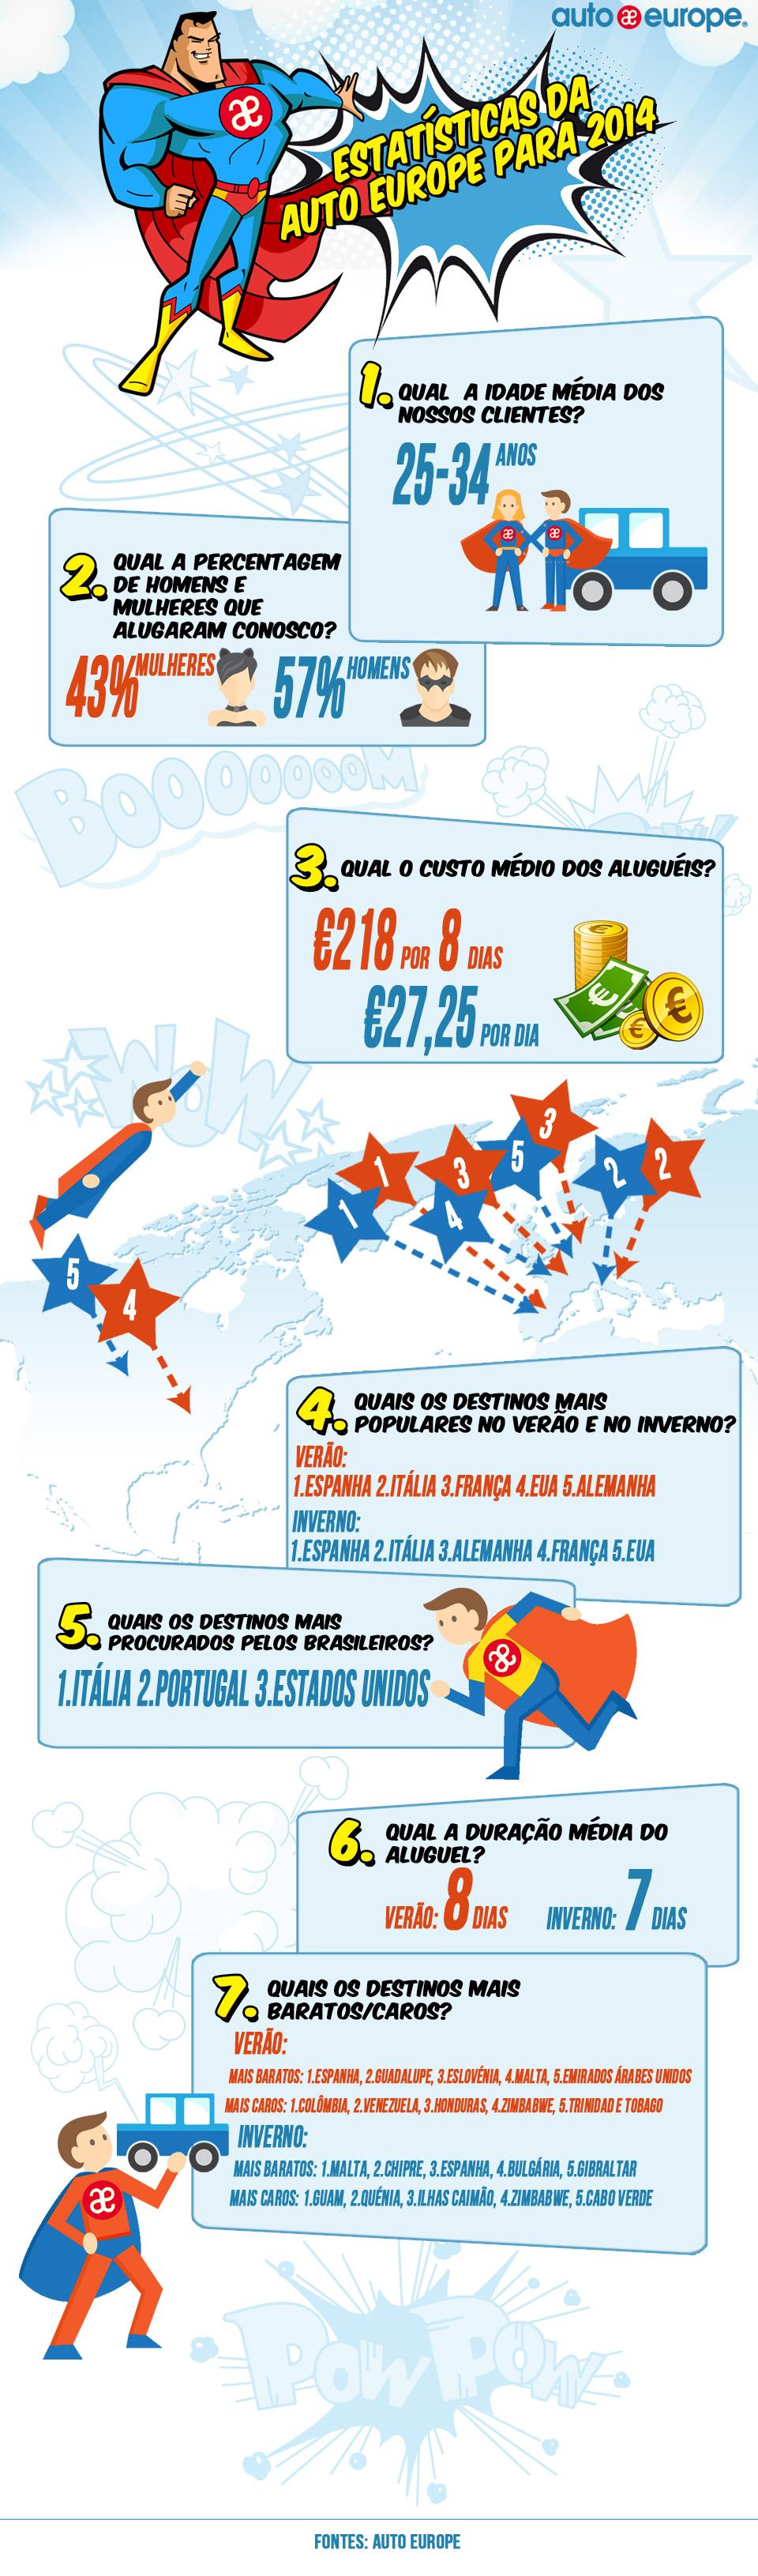 Estatísticas para 2014 | Auto Europe